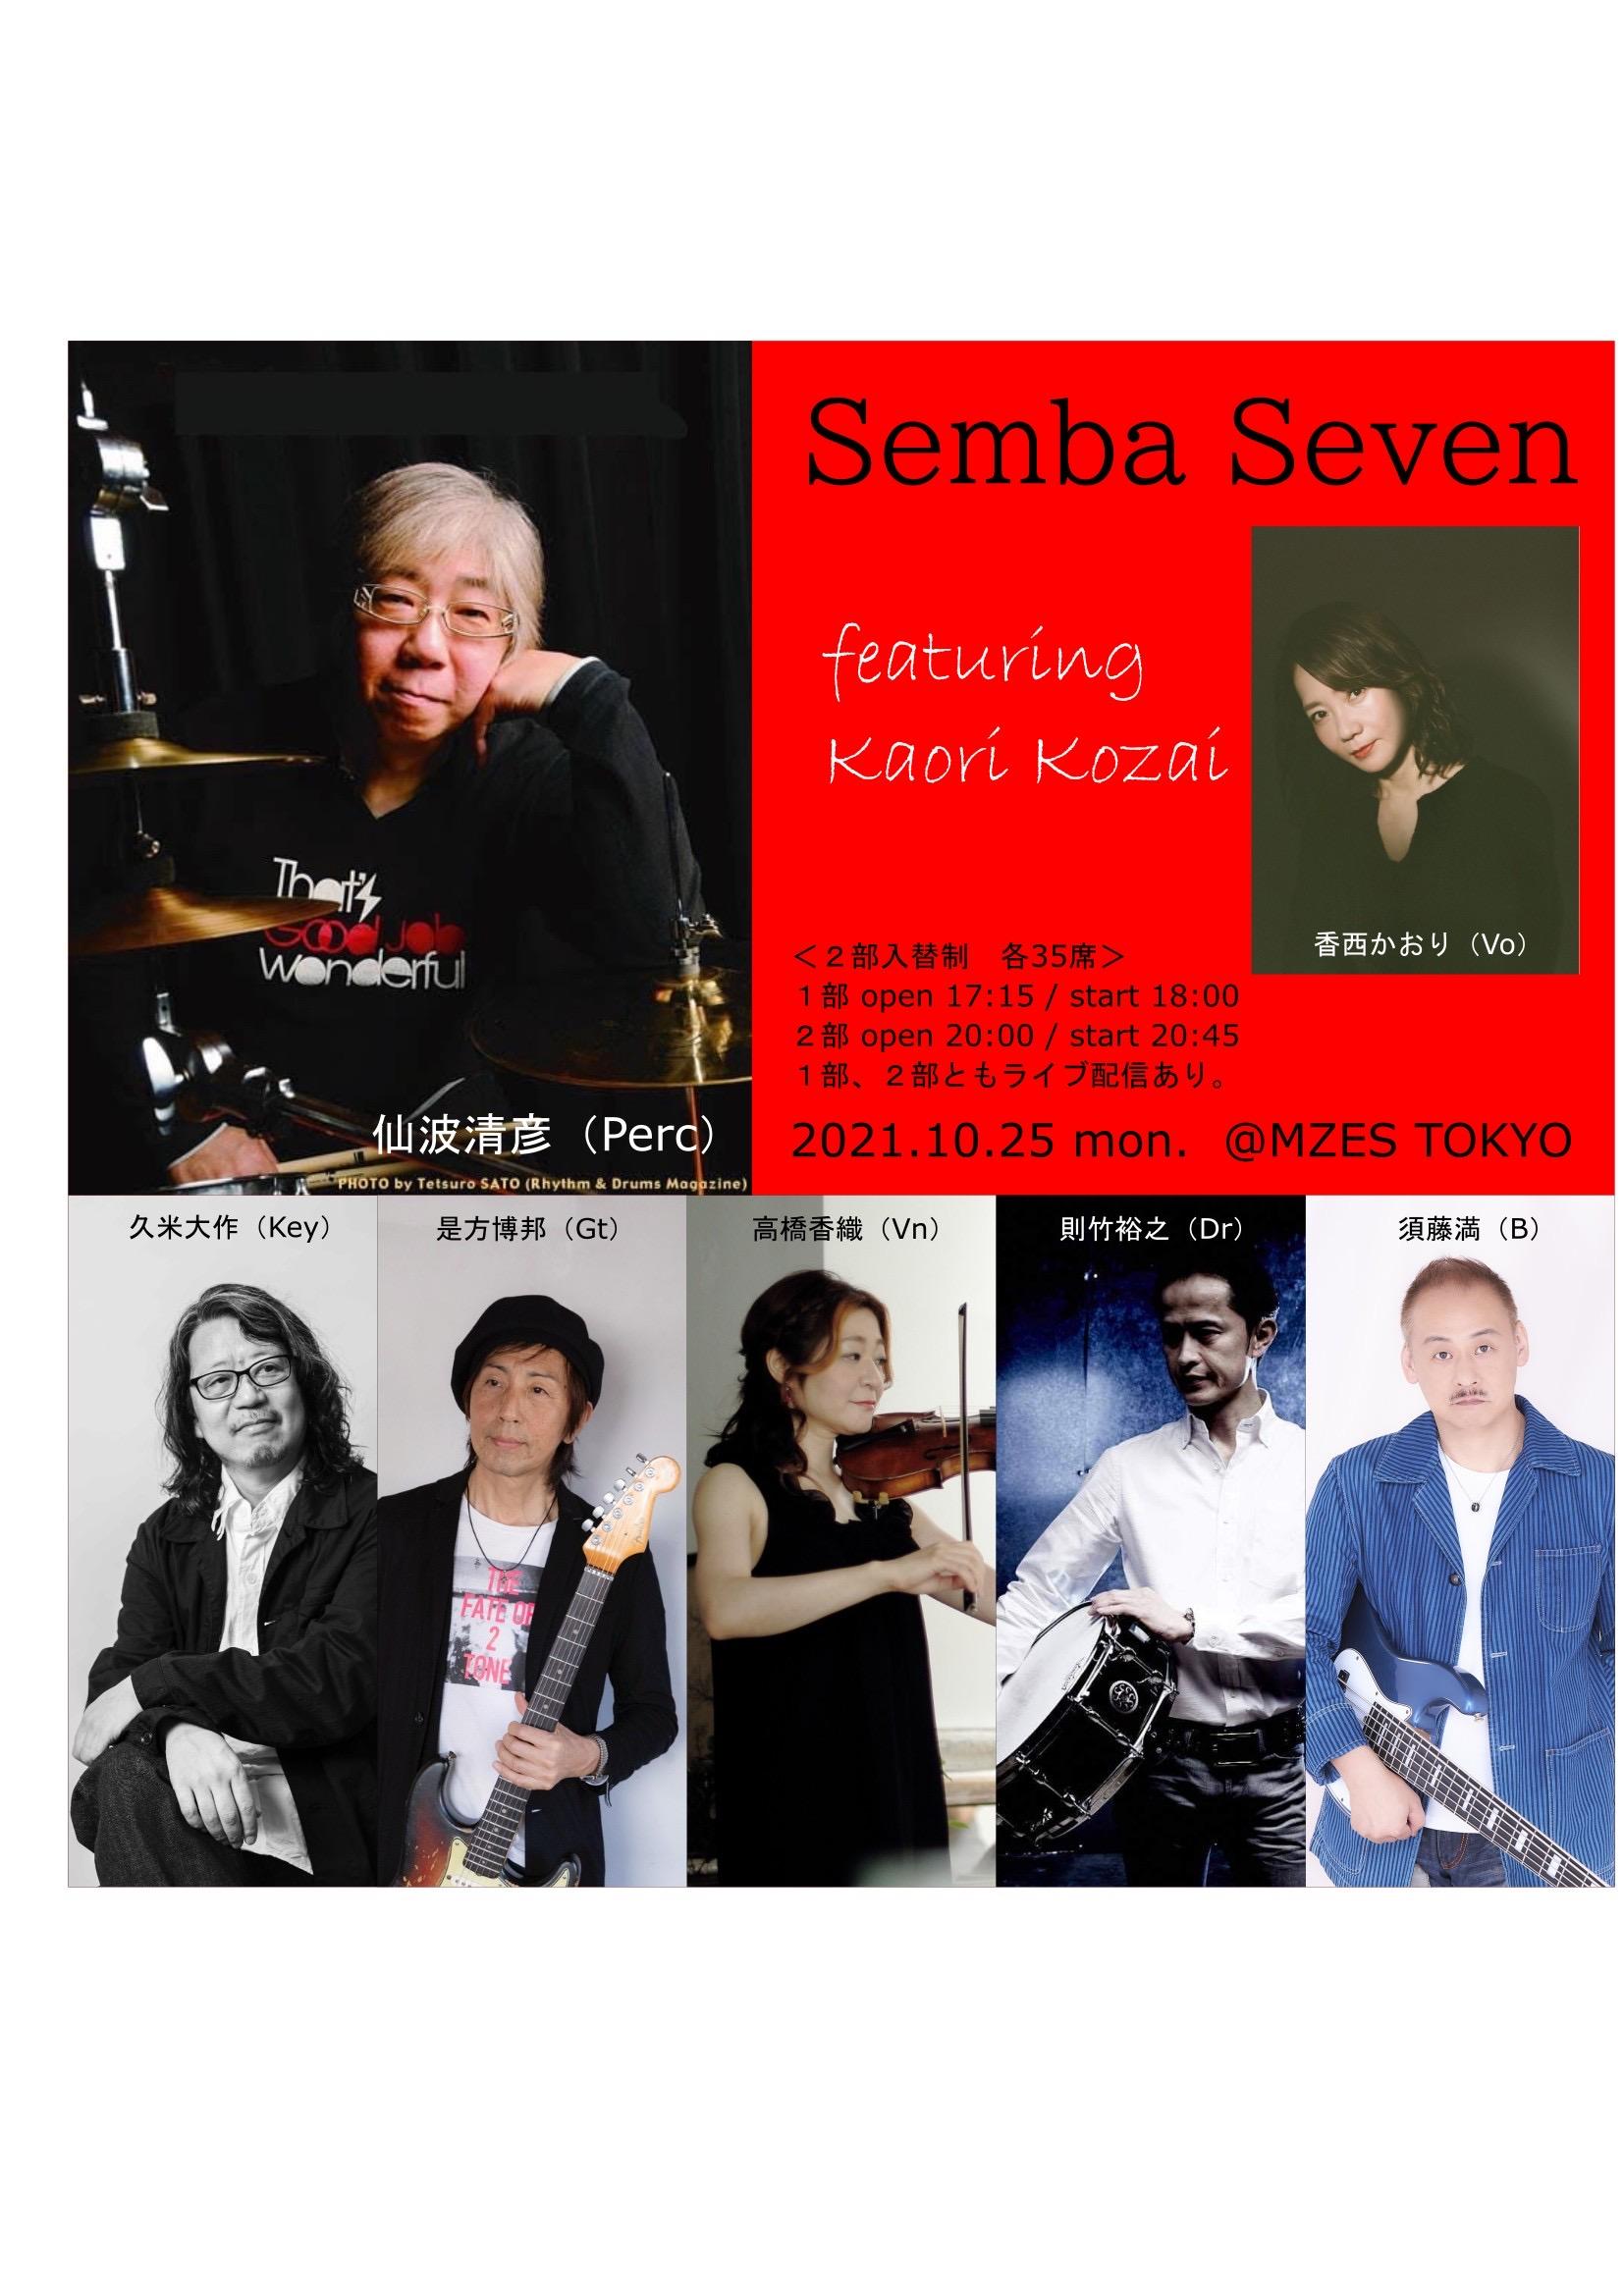 【2部観覧チケット】Semba Seven featuring Kaori Kozai